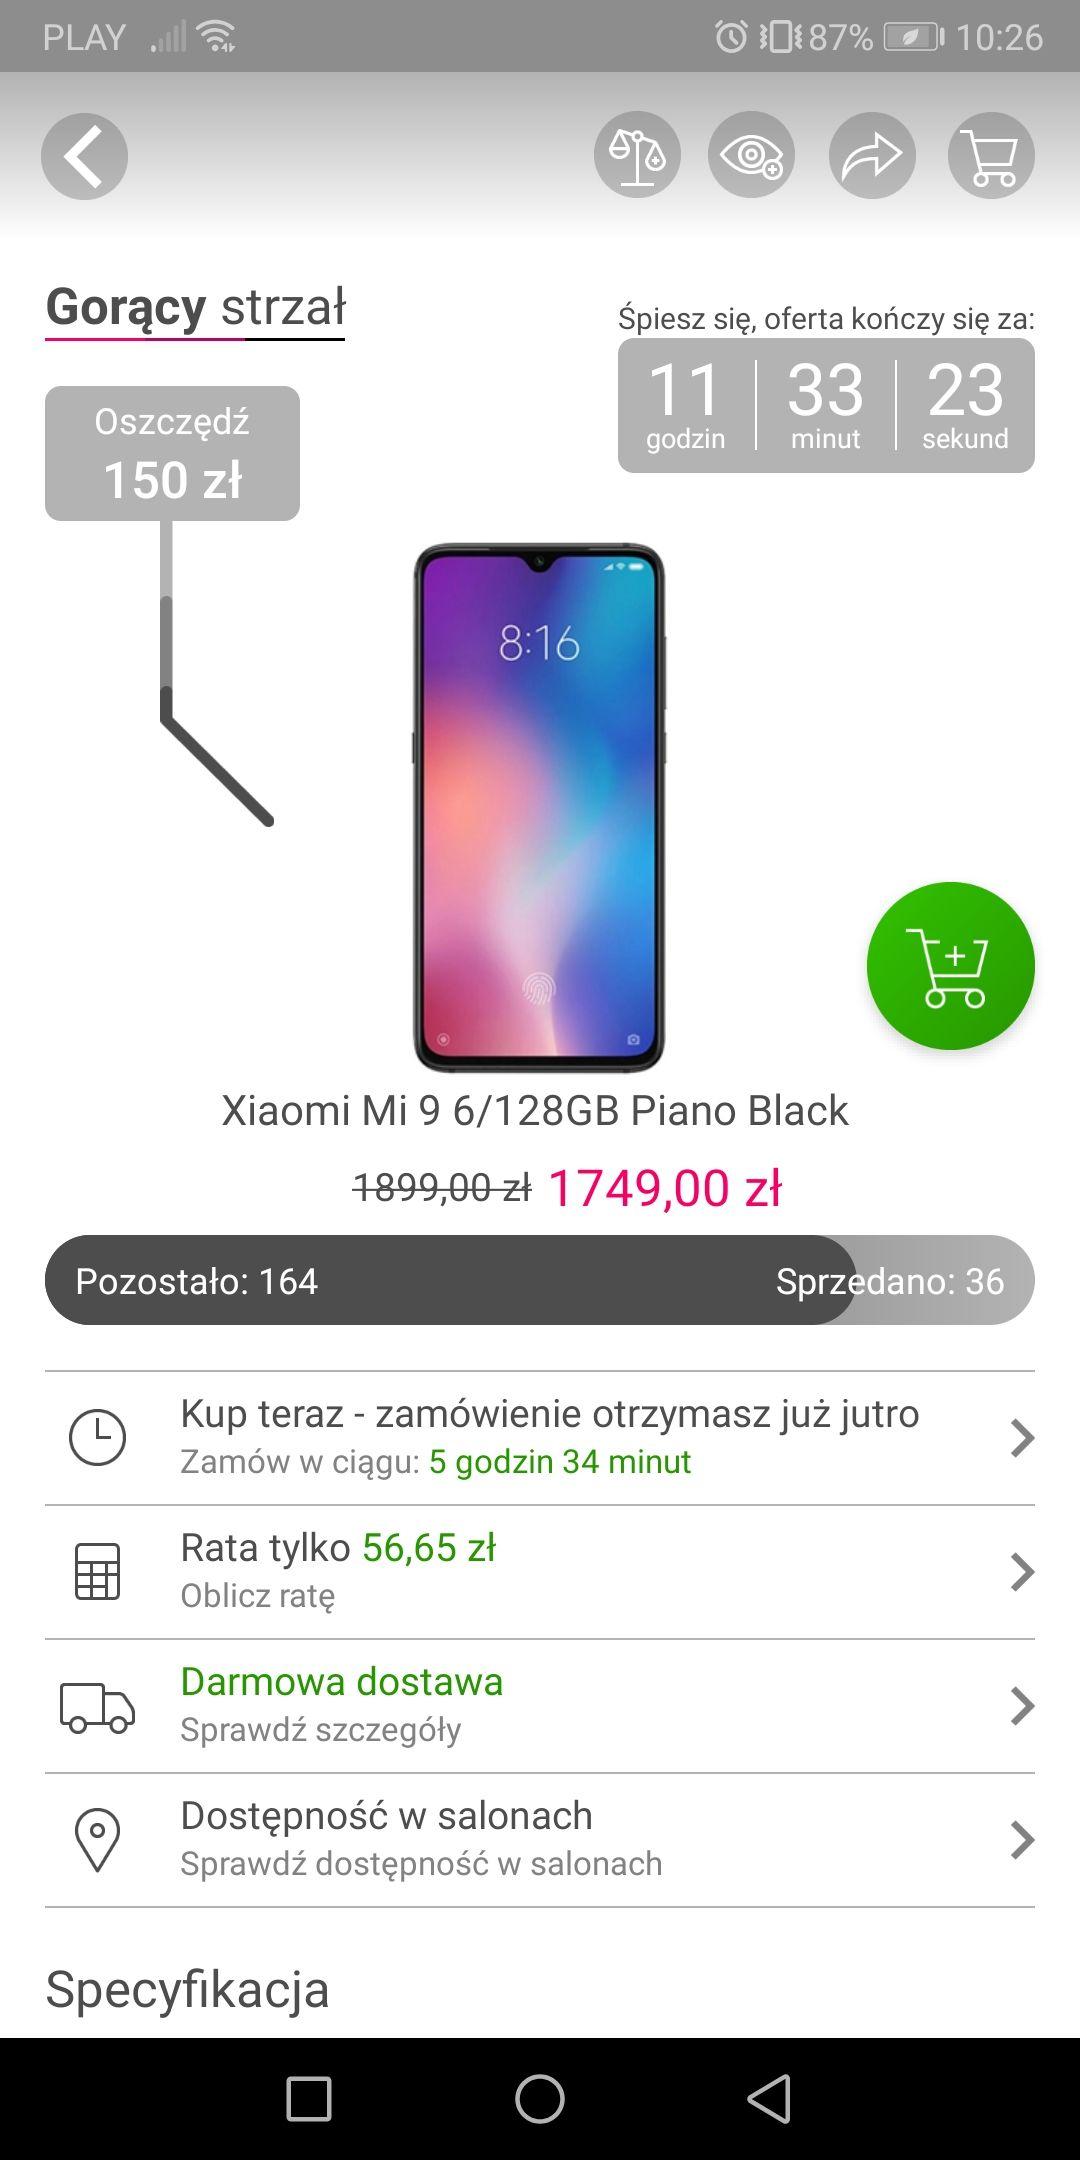 Xiaomi Mi 9 wersja6/128